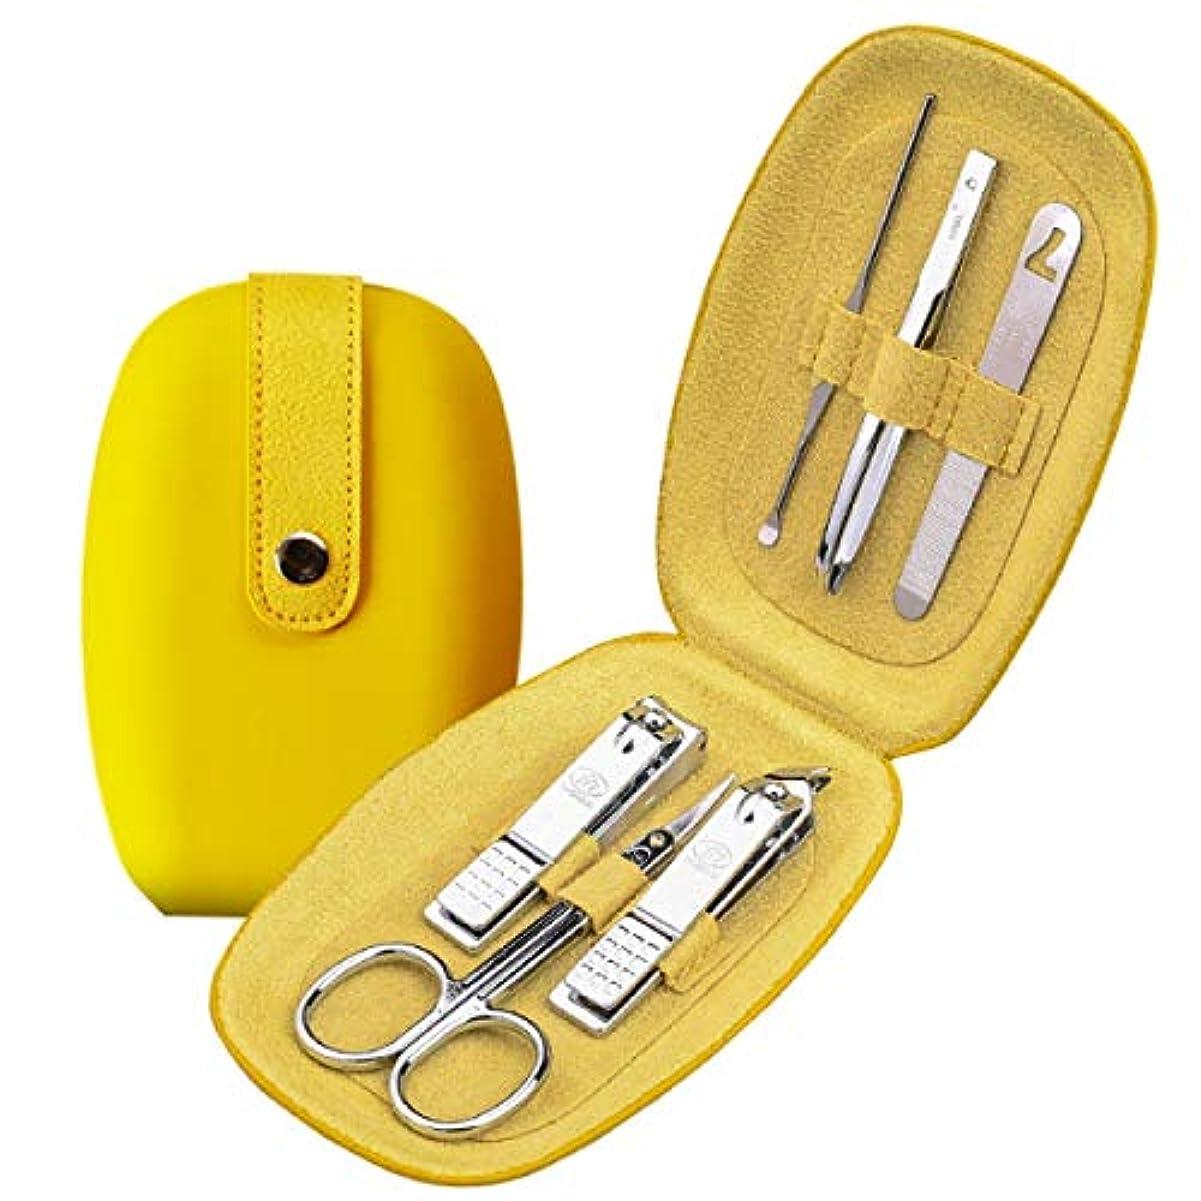 ご予約アクセント褒賞CHAHANG 6黄色のネイルクリップ修復能力コンビネーションマニキュア爪誕生日ギフトギフトセット (Color : Yellow)